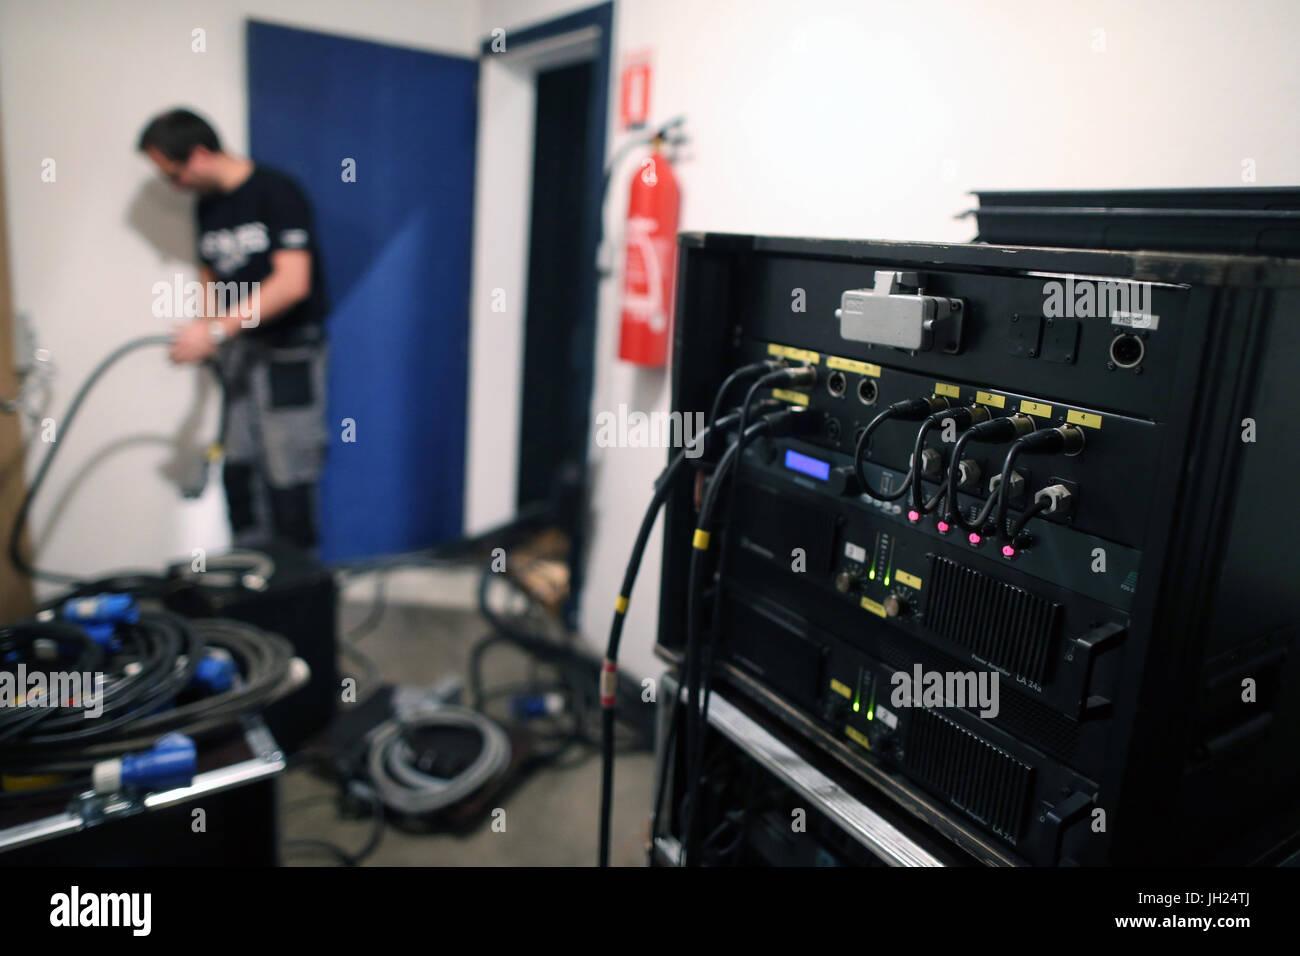 Installazione tecnica dans une salle de spettacolo. La Francia. Immagini Stock